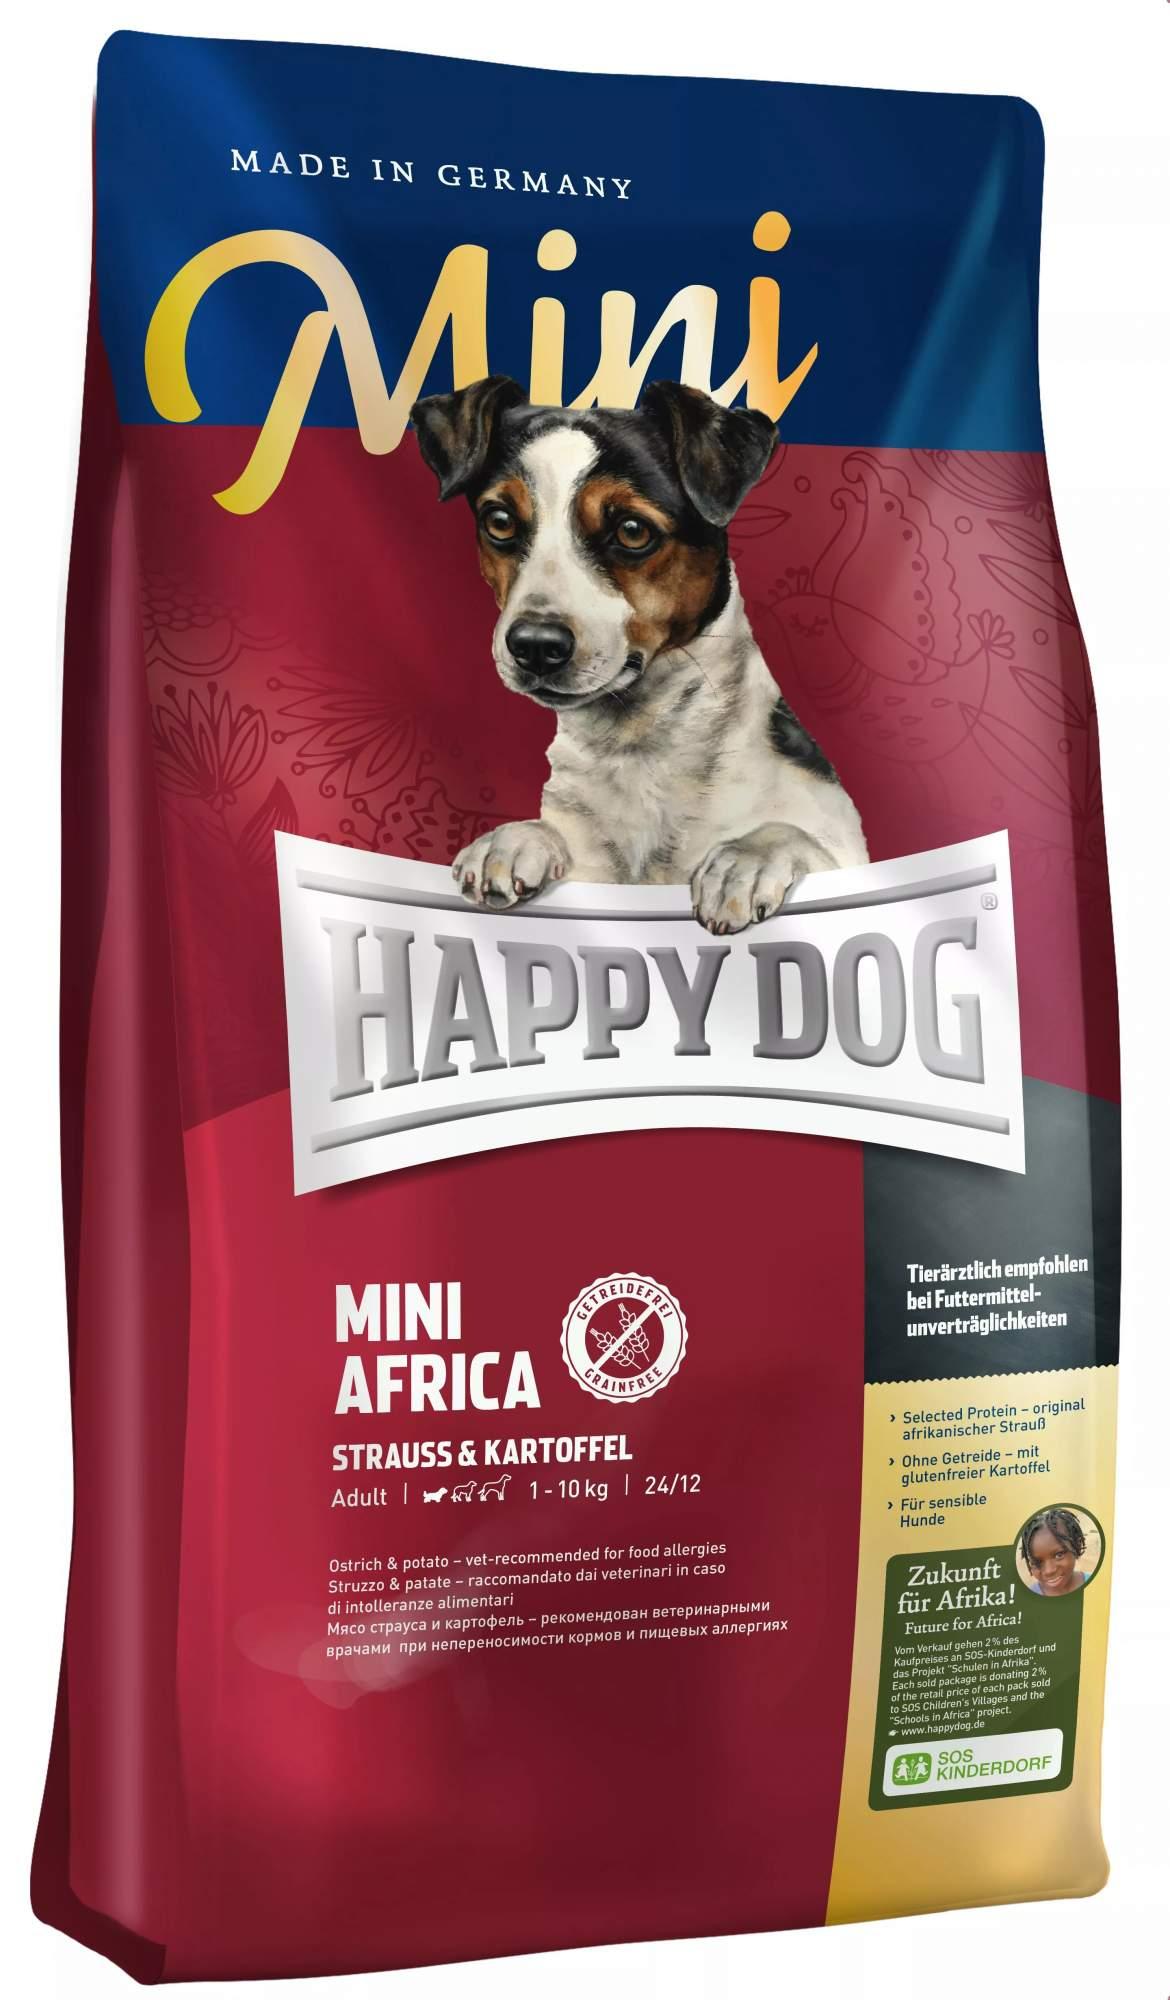 Миниатюра Сухой корм для собак Happy Dog Supreme Mini Africa, для мелких пород, страус,картофель,4кг №1